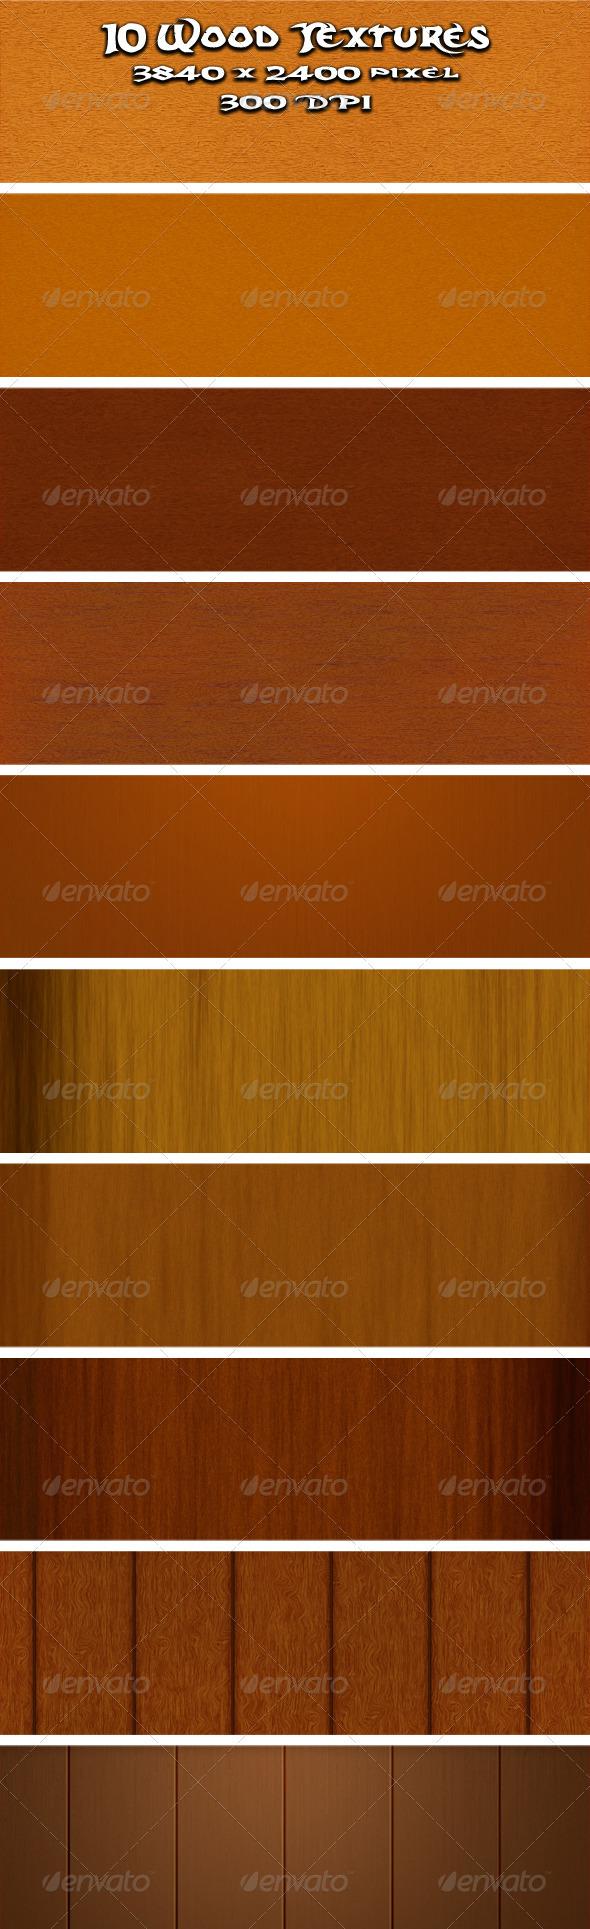 Wood Textures Vol.1 - Wood Textures